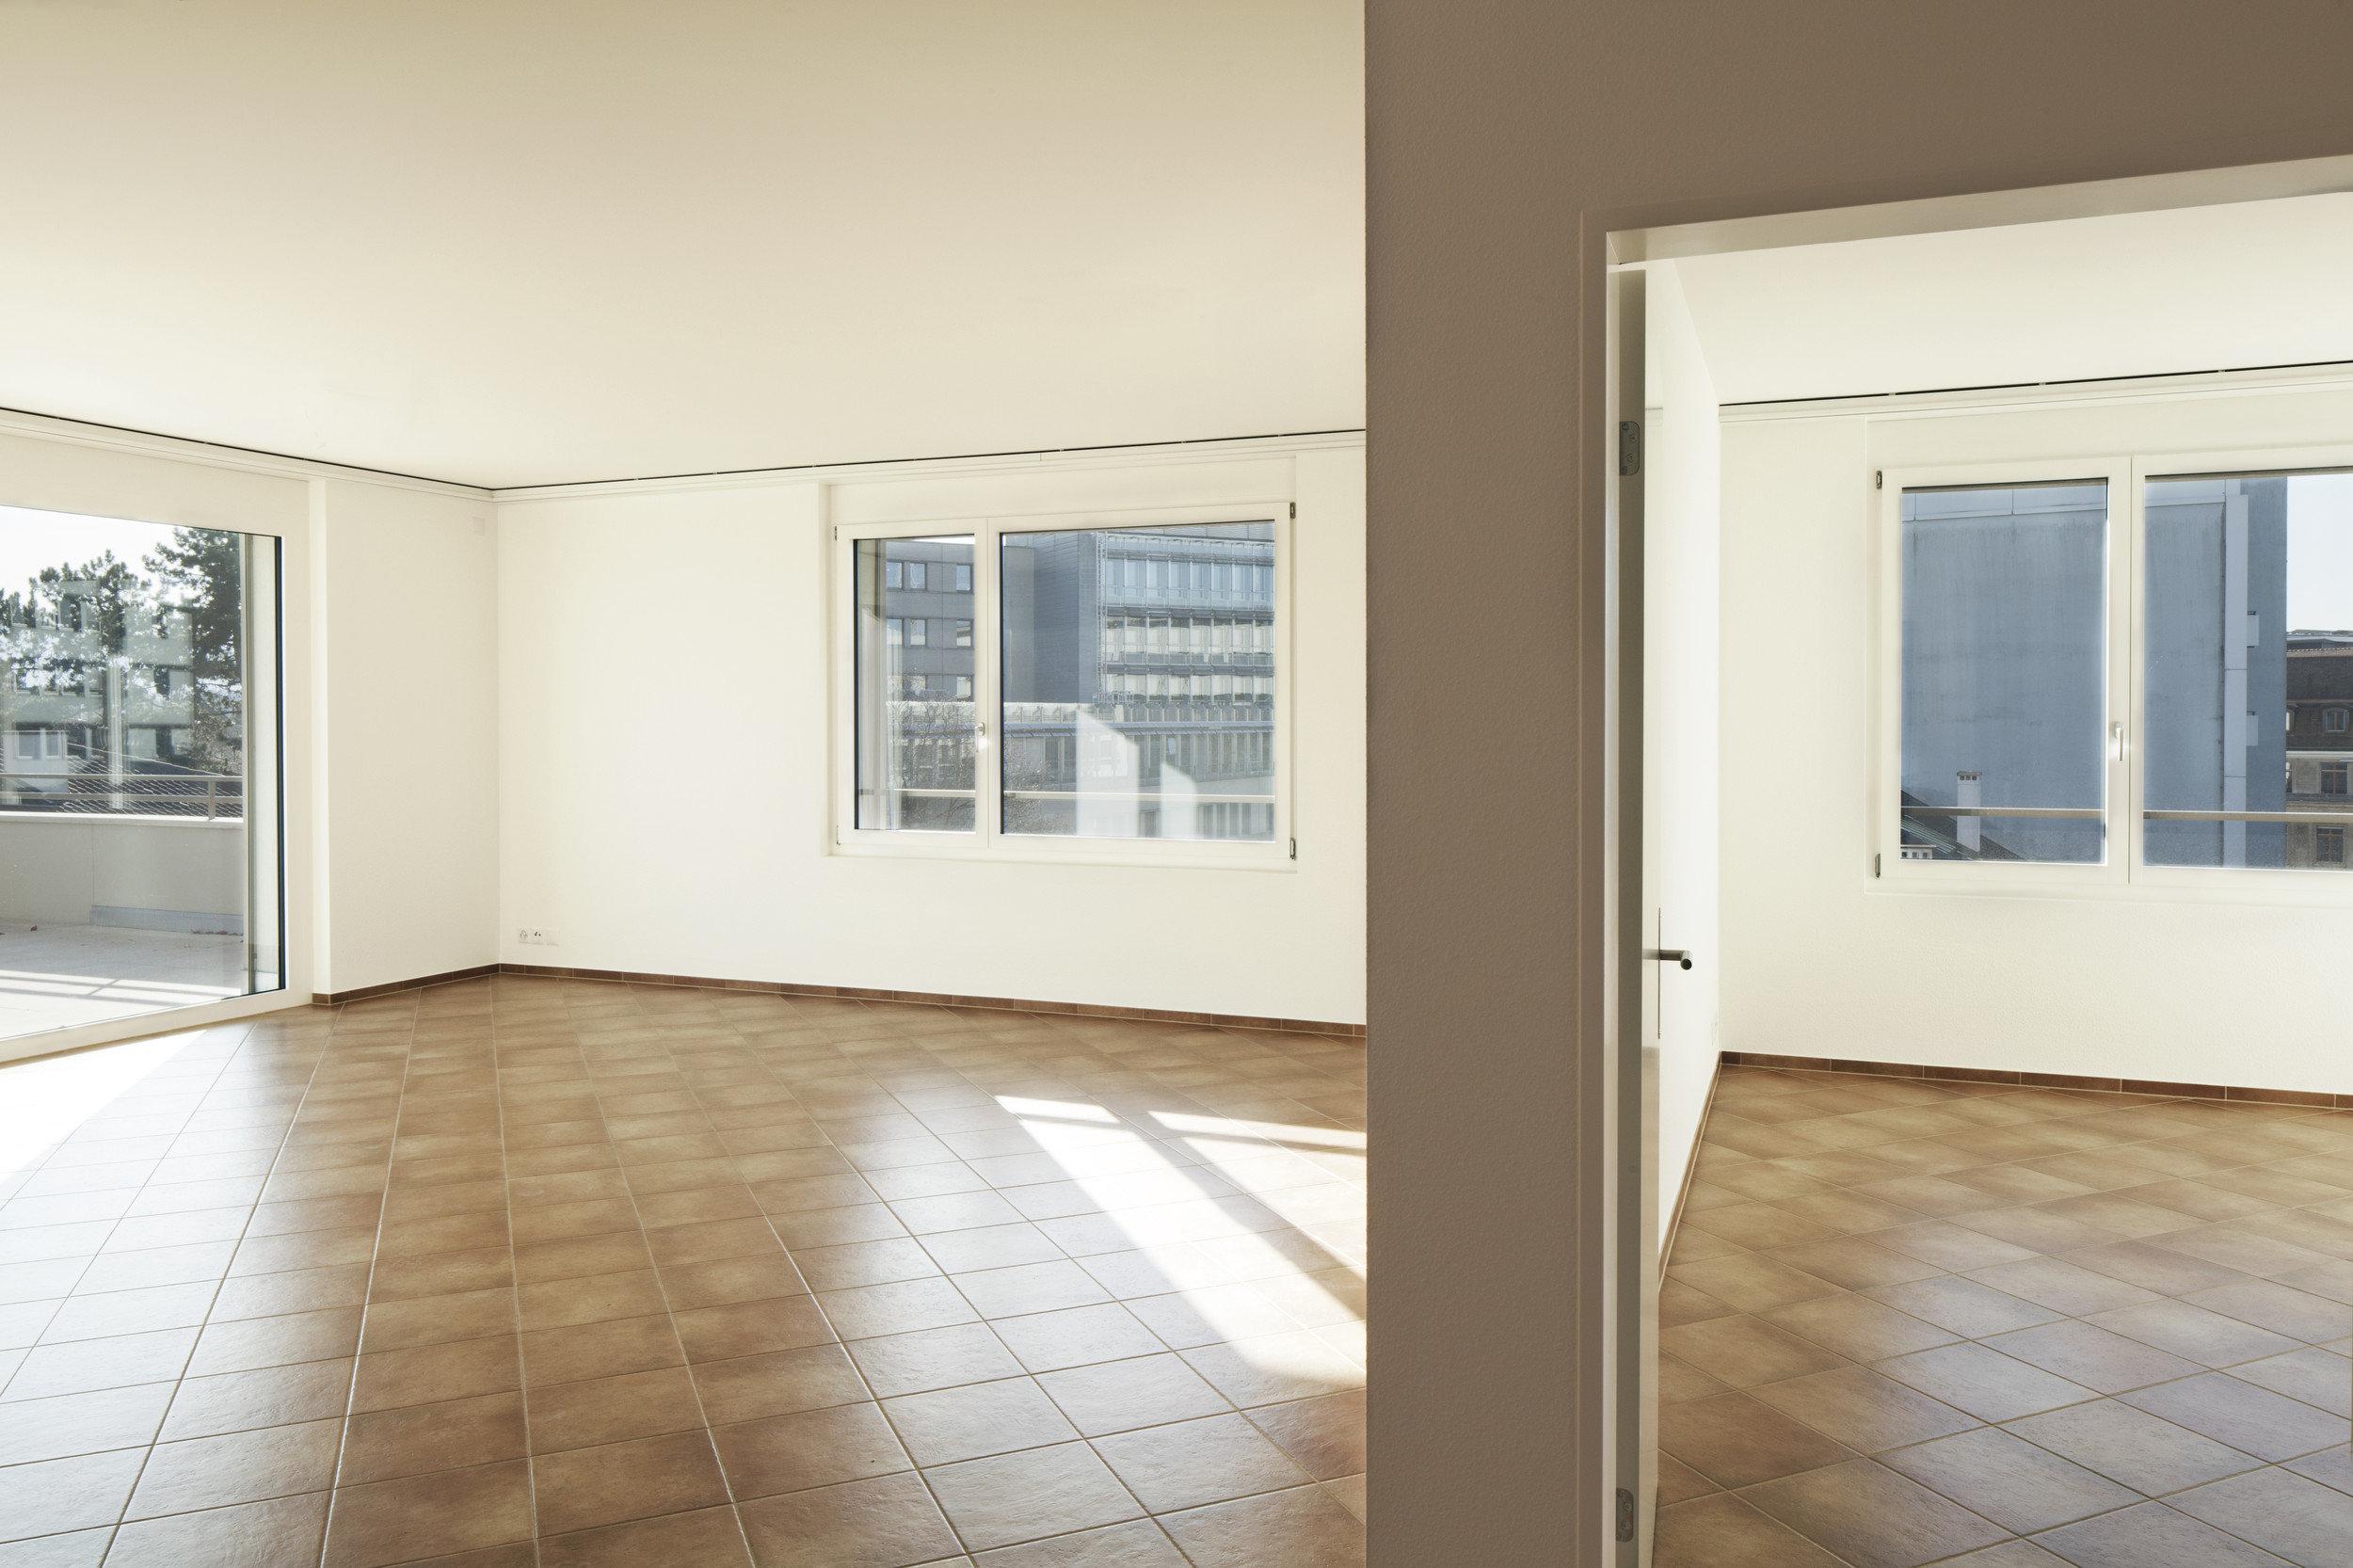 Fensterelement mit feststehendem Teil von innen in Holz-Metall